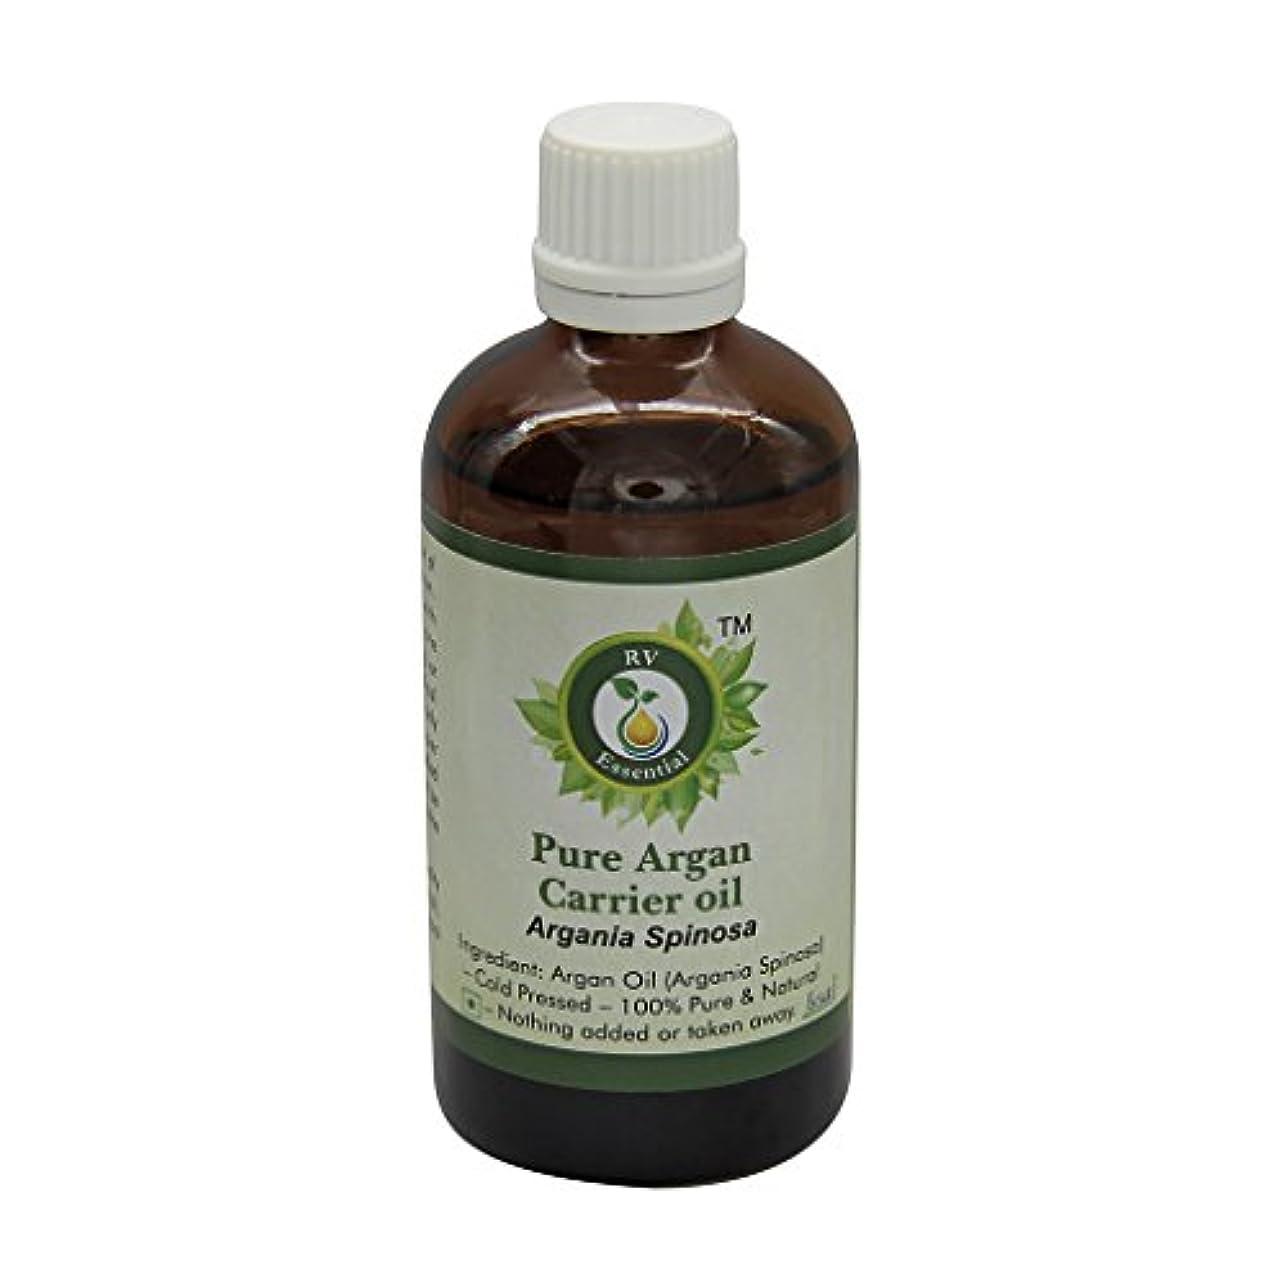 本物の無謀退屈させるR V Essential ピュアアルガンキャリアオイル100ml (3.38oz)- Argania Spinosa (100%ピュア&ナチュラルコールドPressed) Pure Argan Carrier Oil